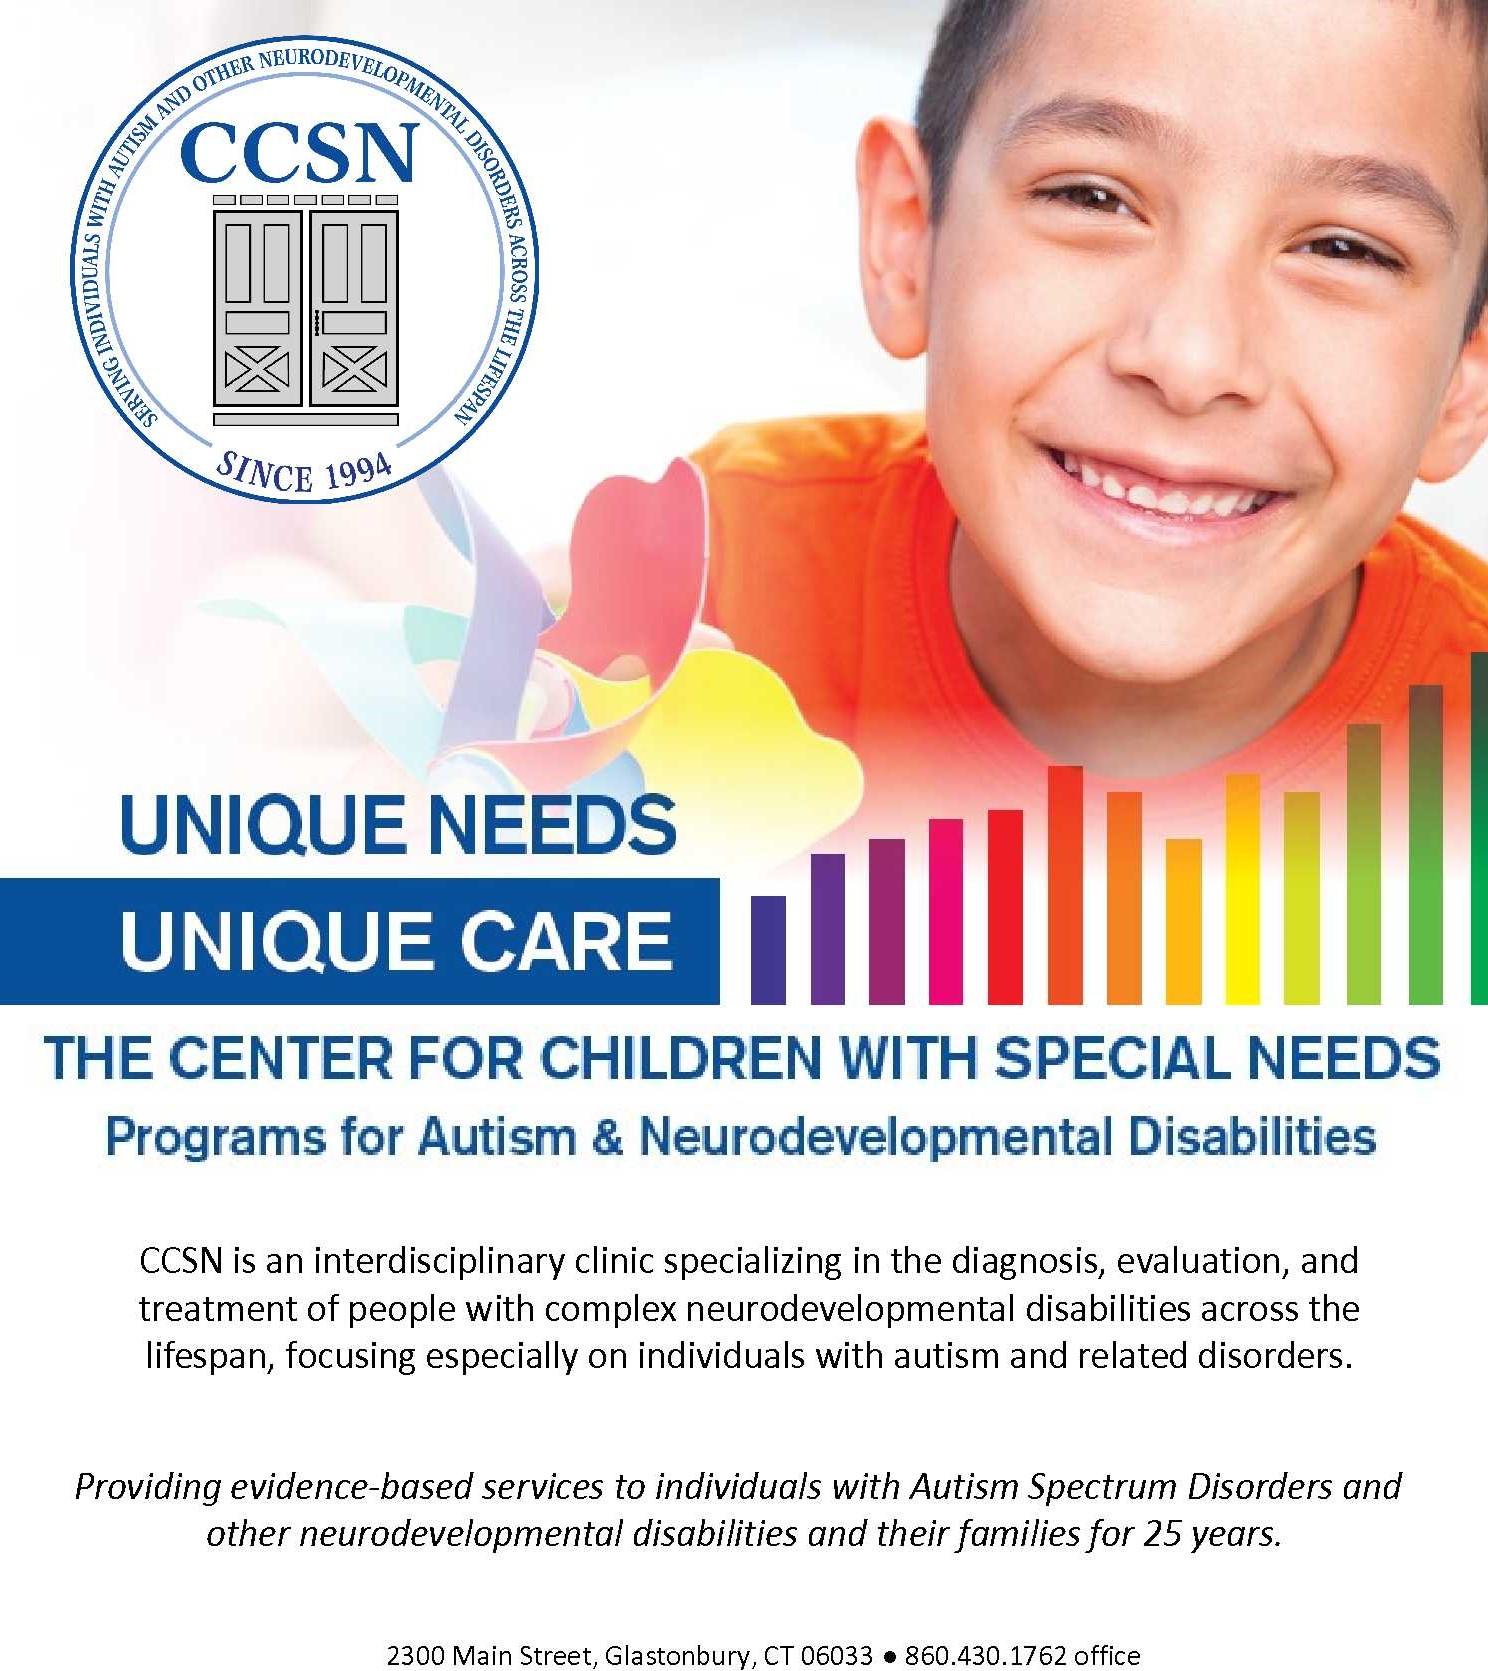 CCSN_Brochure Flyer_v1.0